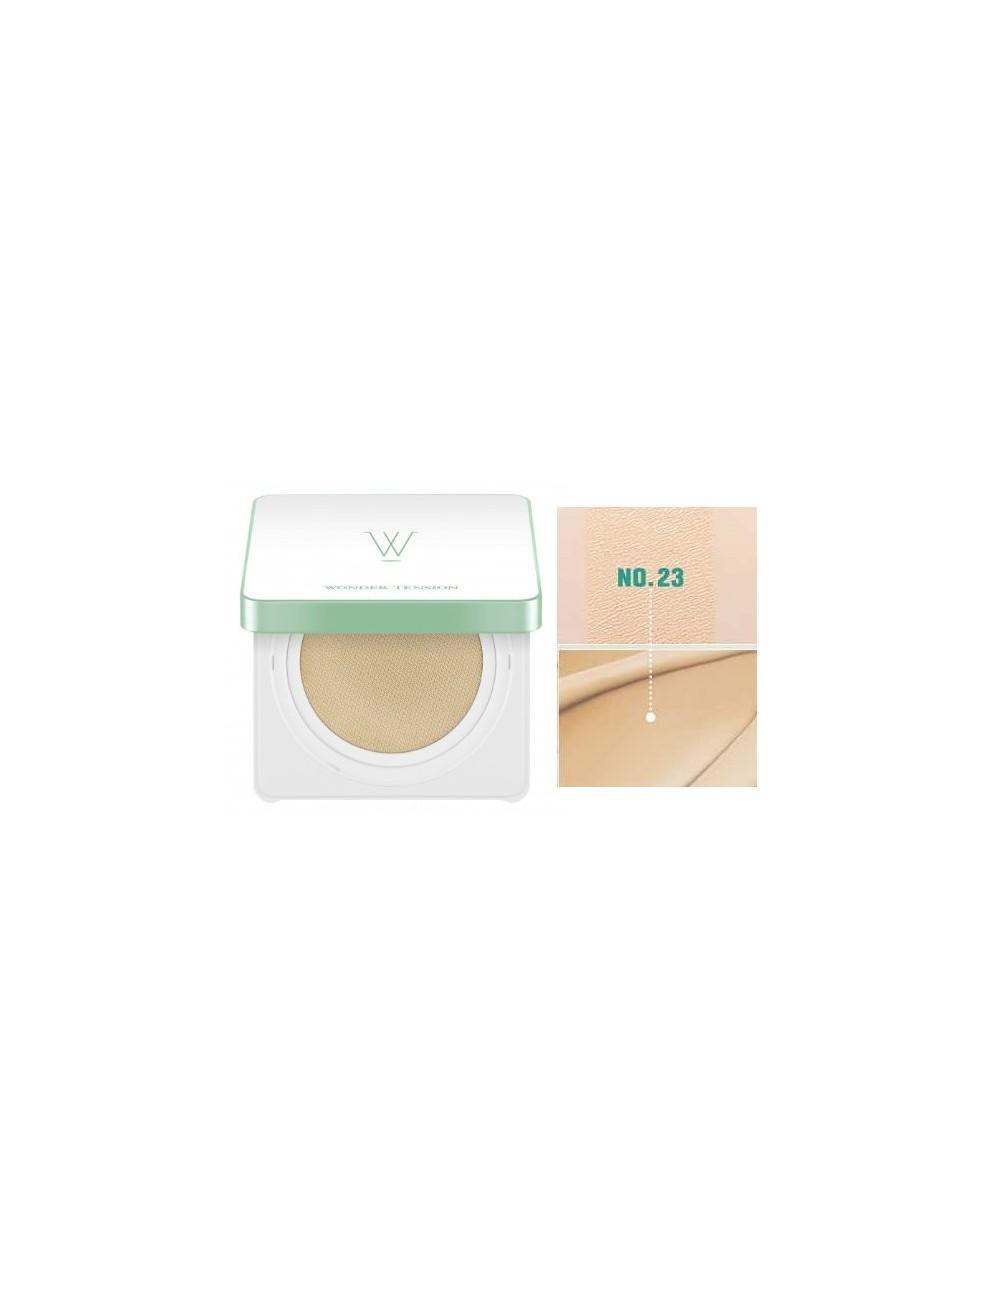 Maquillaje Calmante con Protección Solar Iluminadora A'pieu Wonder Tension Madecassoside N.23